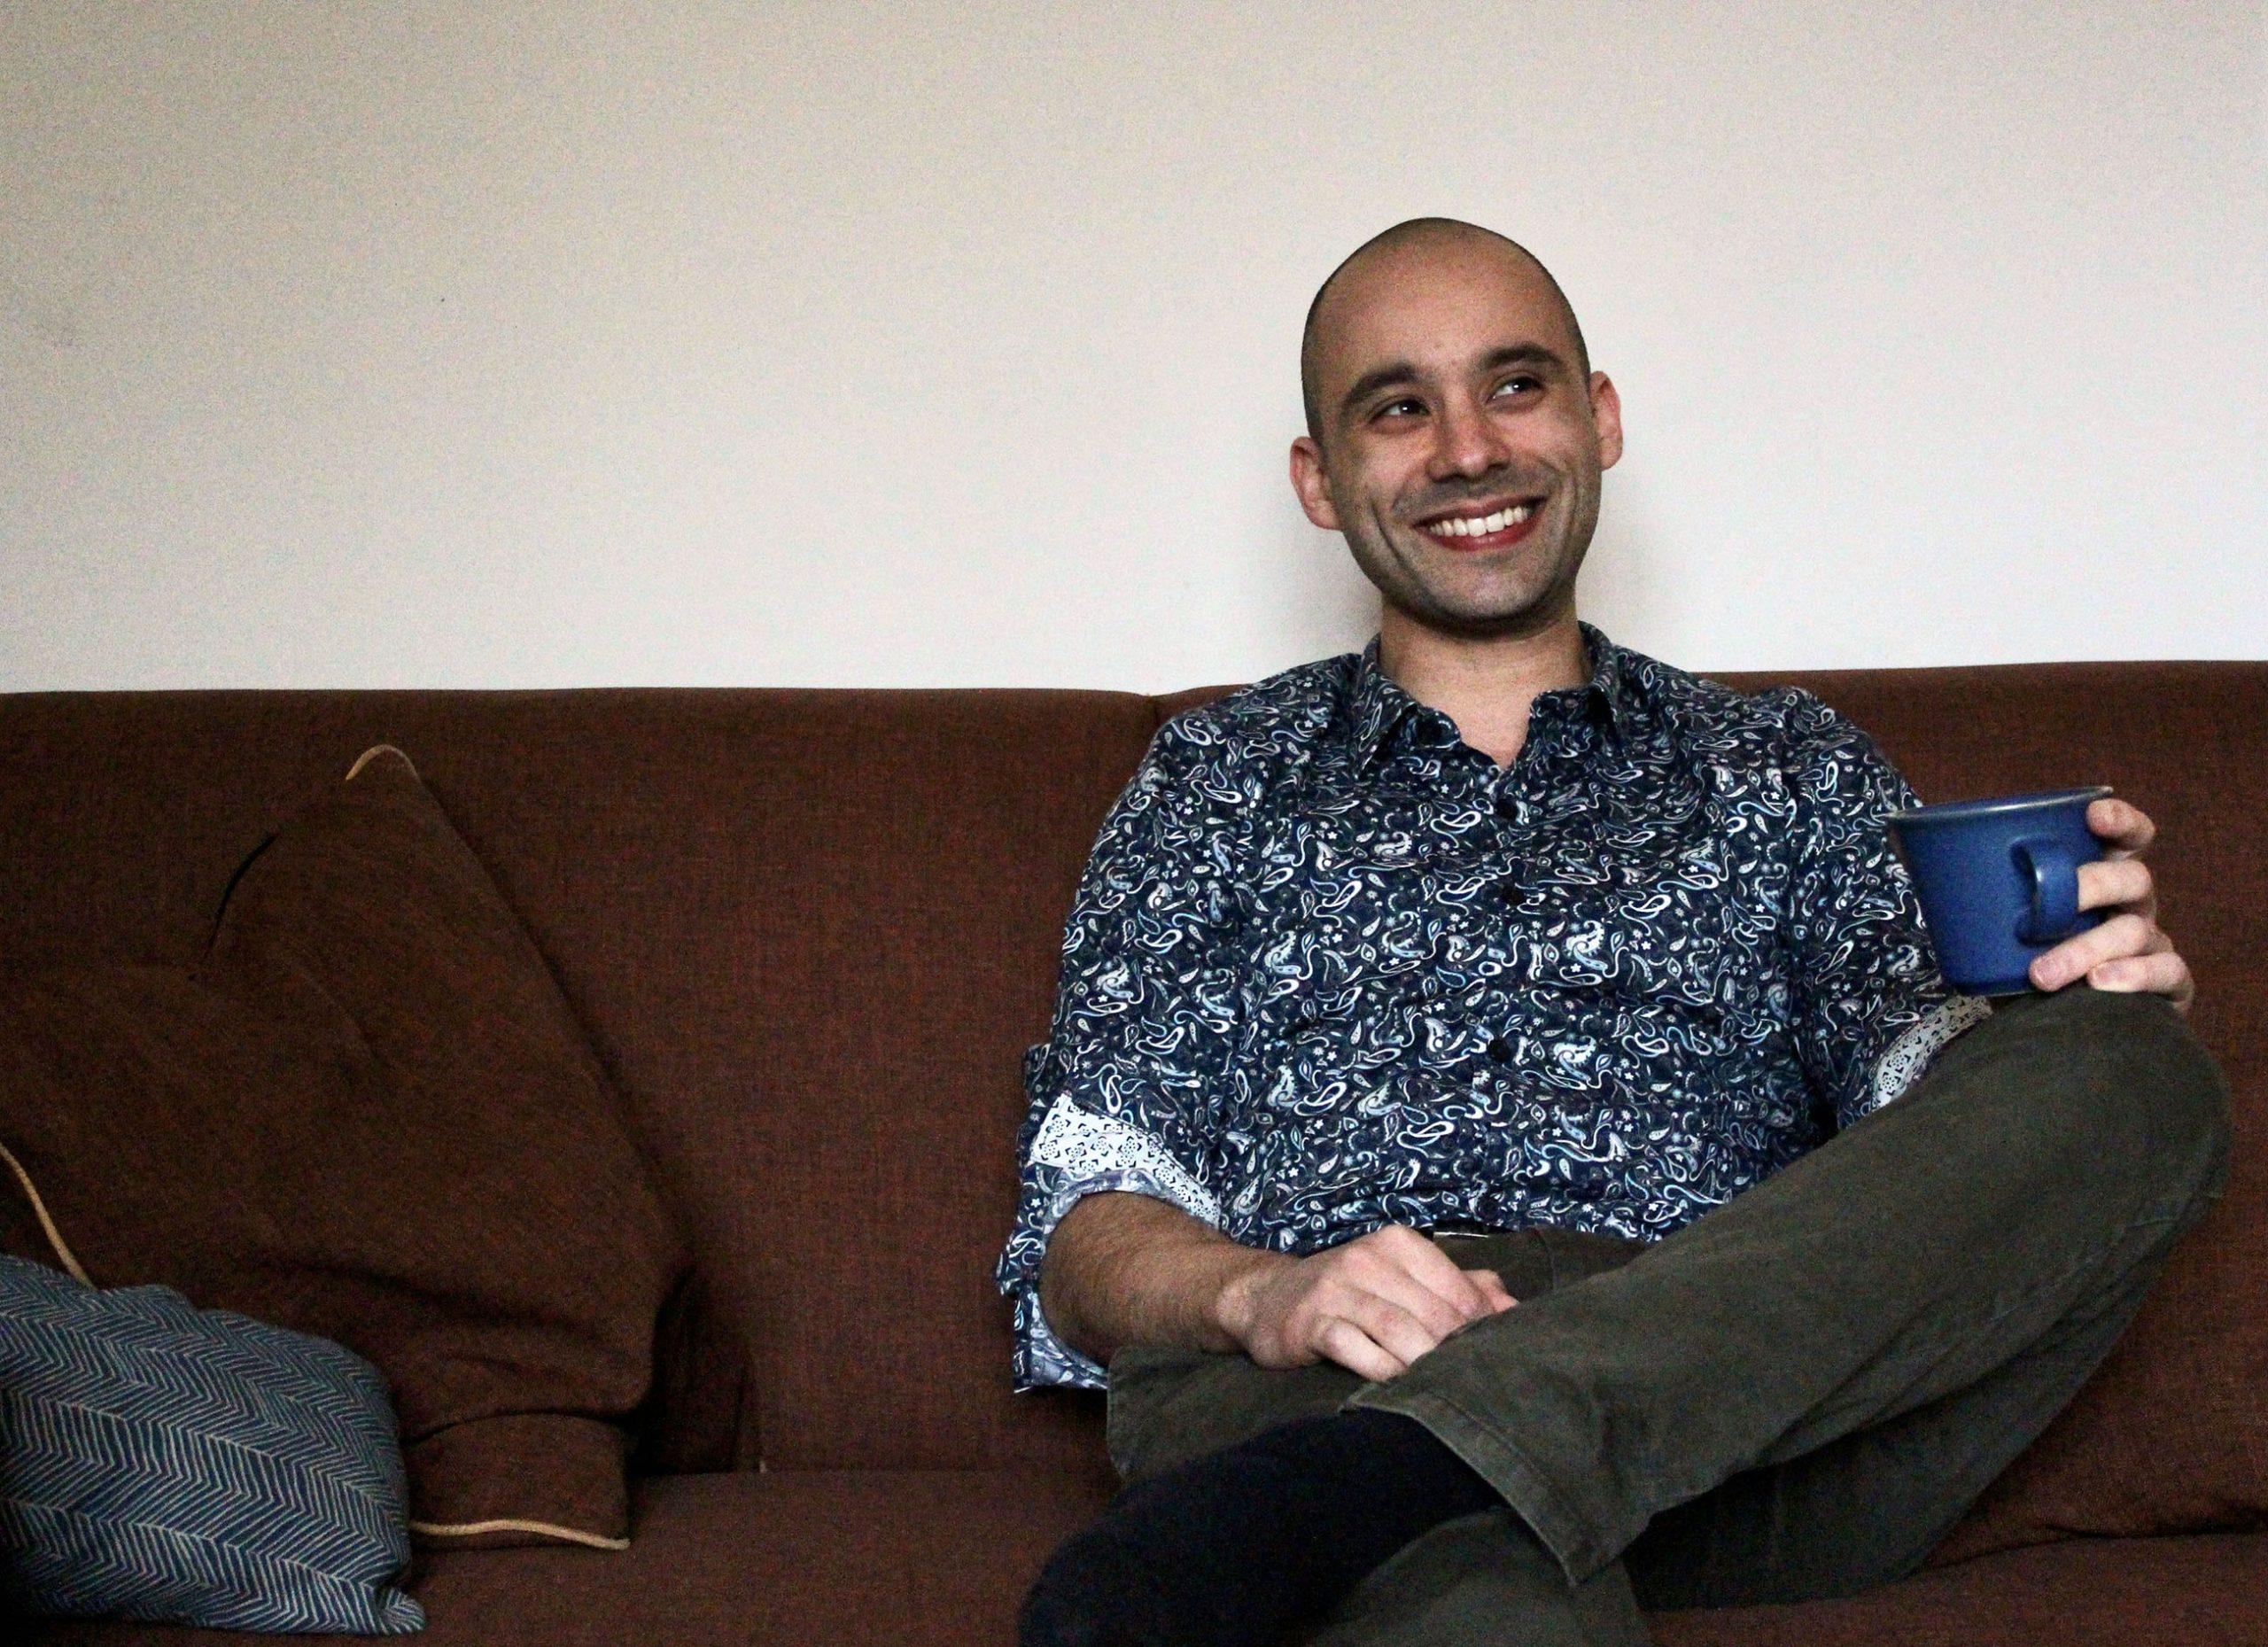 Joshua Bartholdi ist wissenschaftlicher Assistent am ILC. Hier sitzt er auf einem Sofa und trinkt Kaffee.